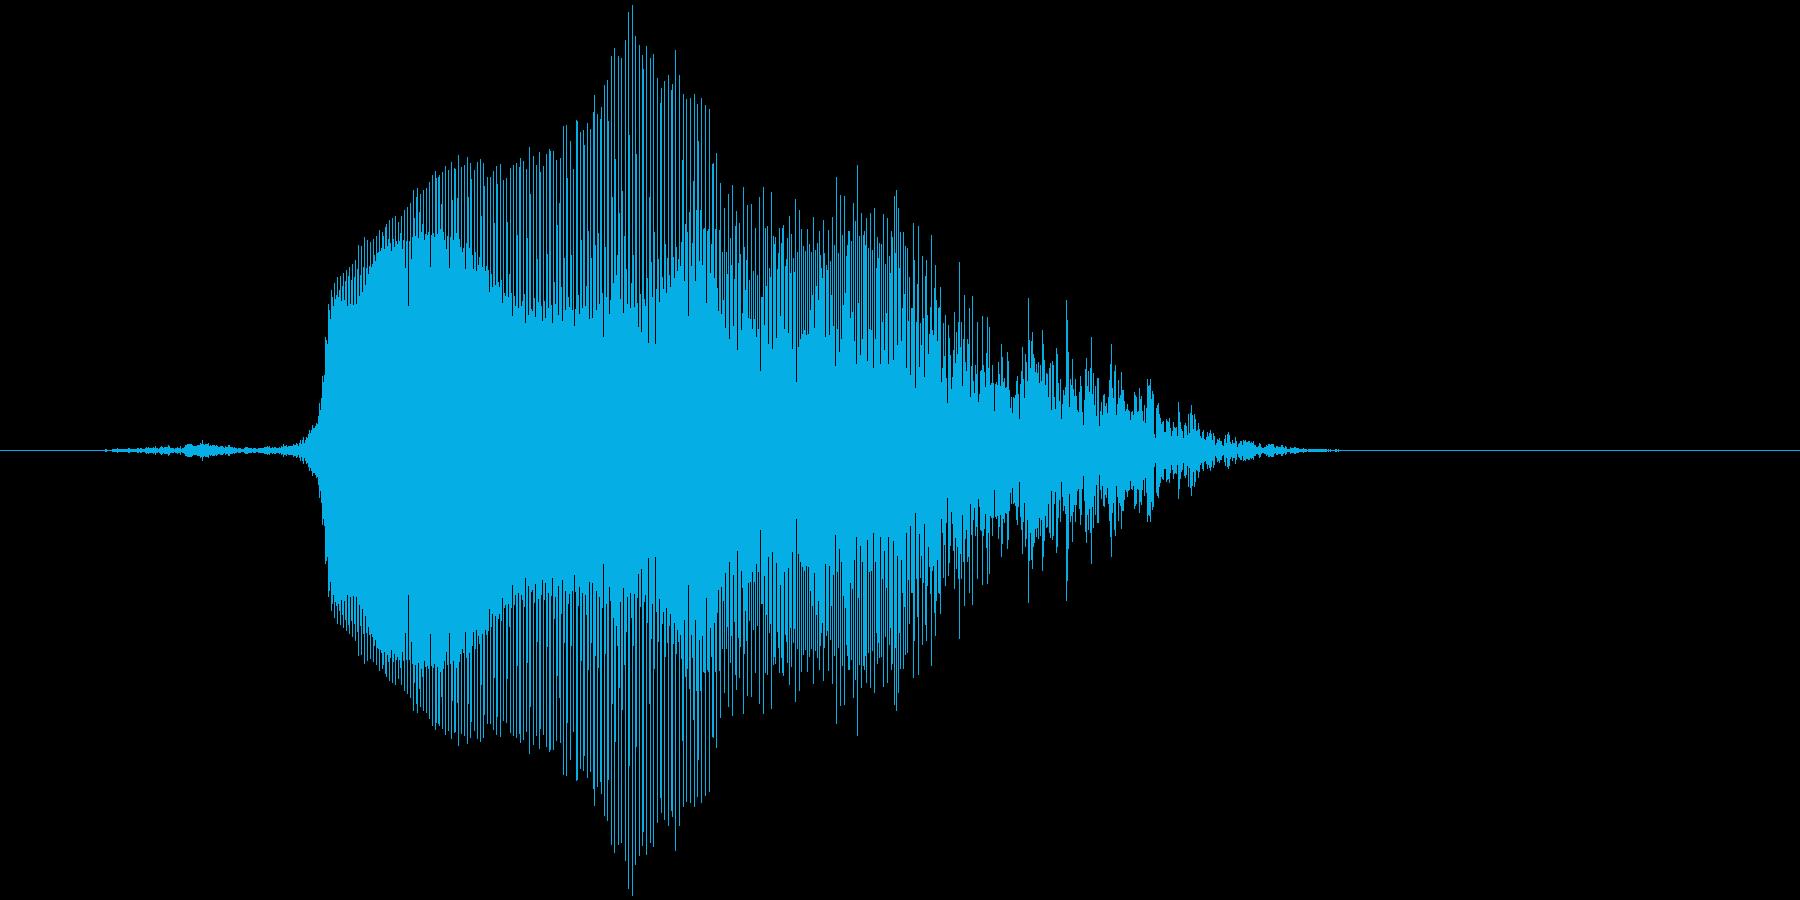 「ふぅわっ!」の再生済みの波形